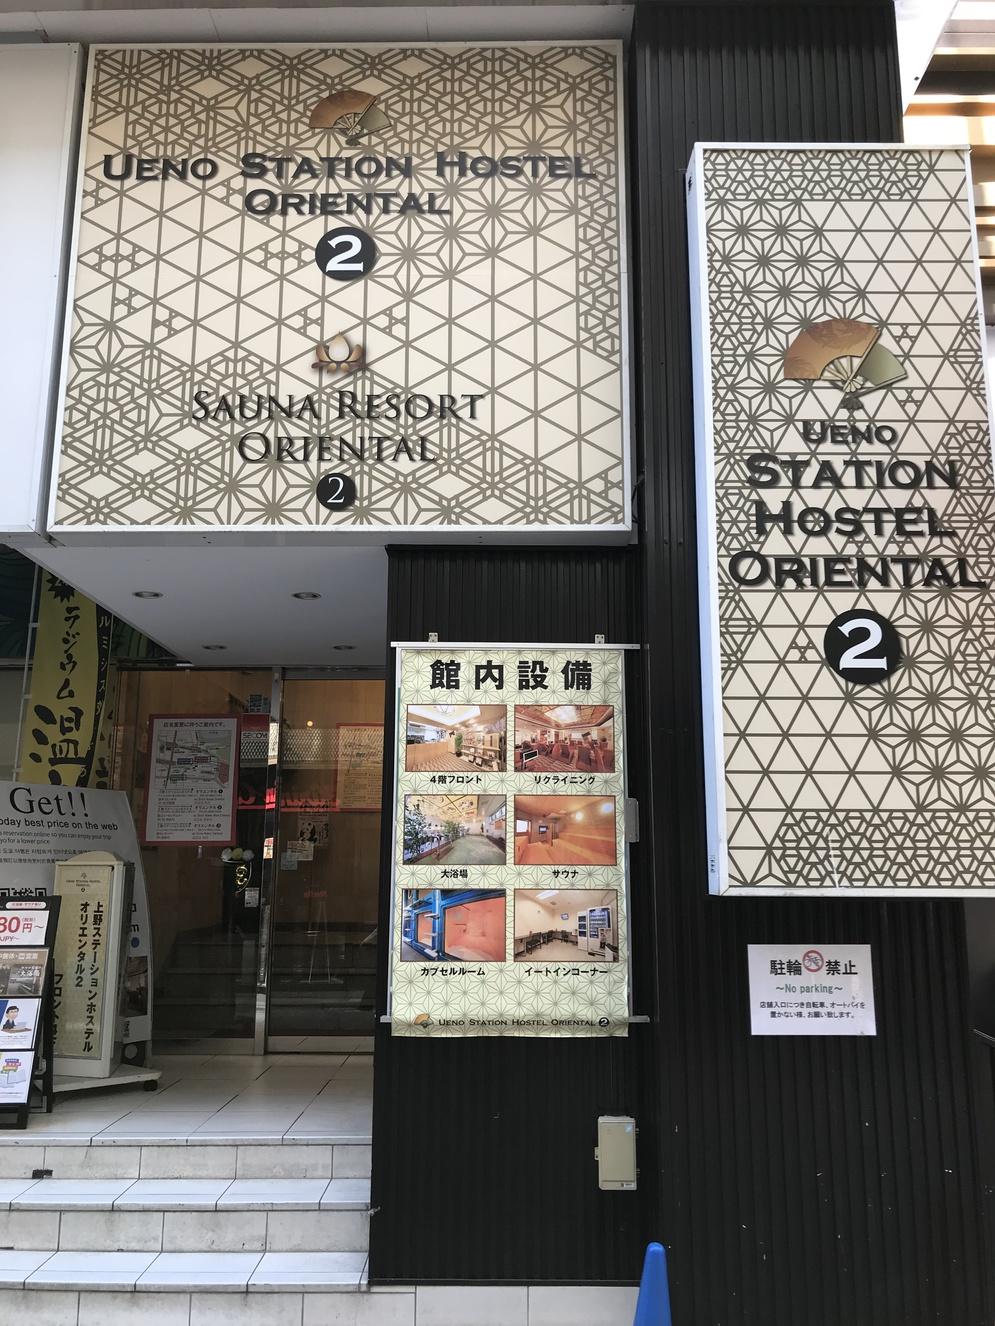 上野ステーションホステル オリエンタル 2(旧:カプセルサウ...